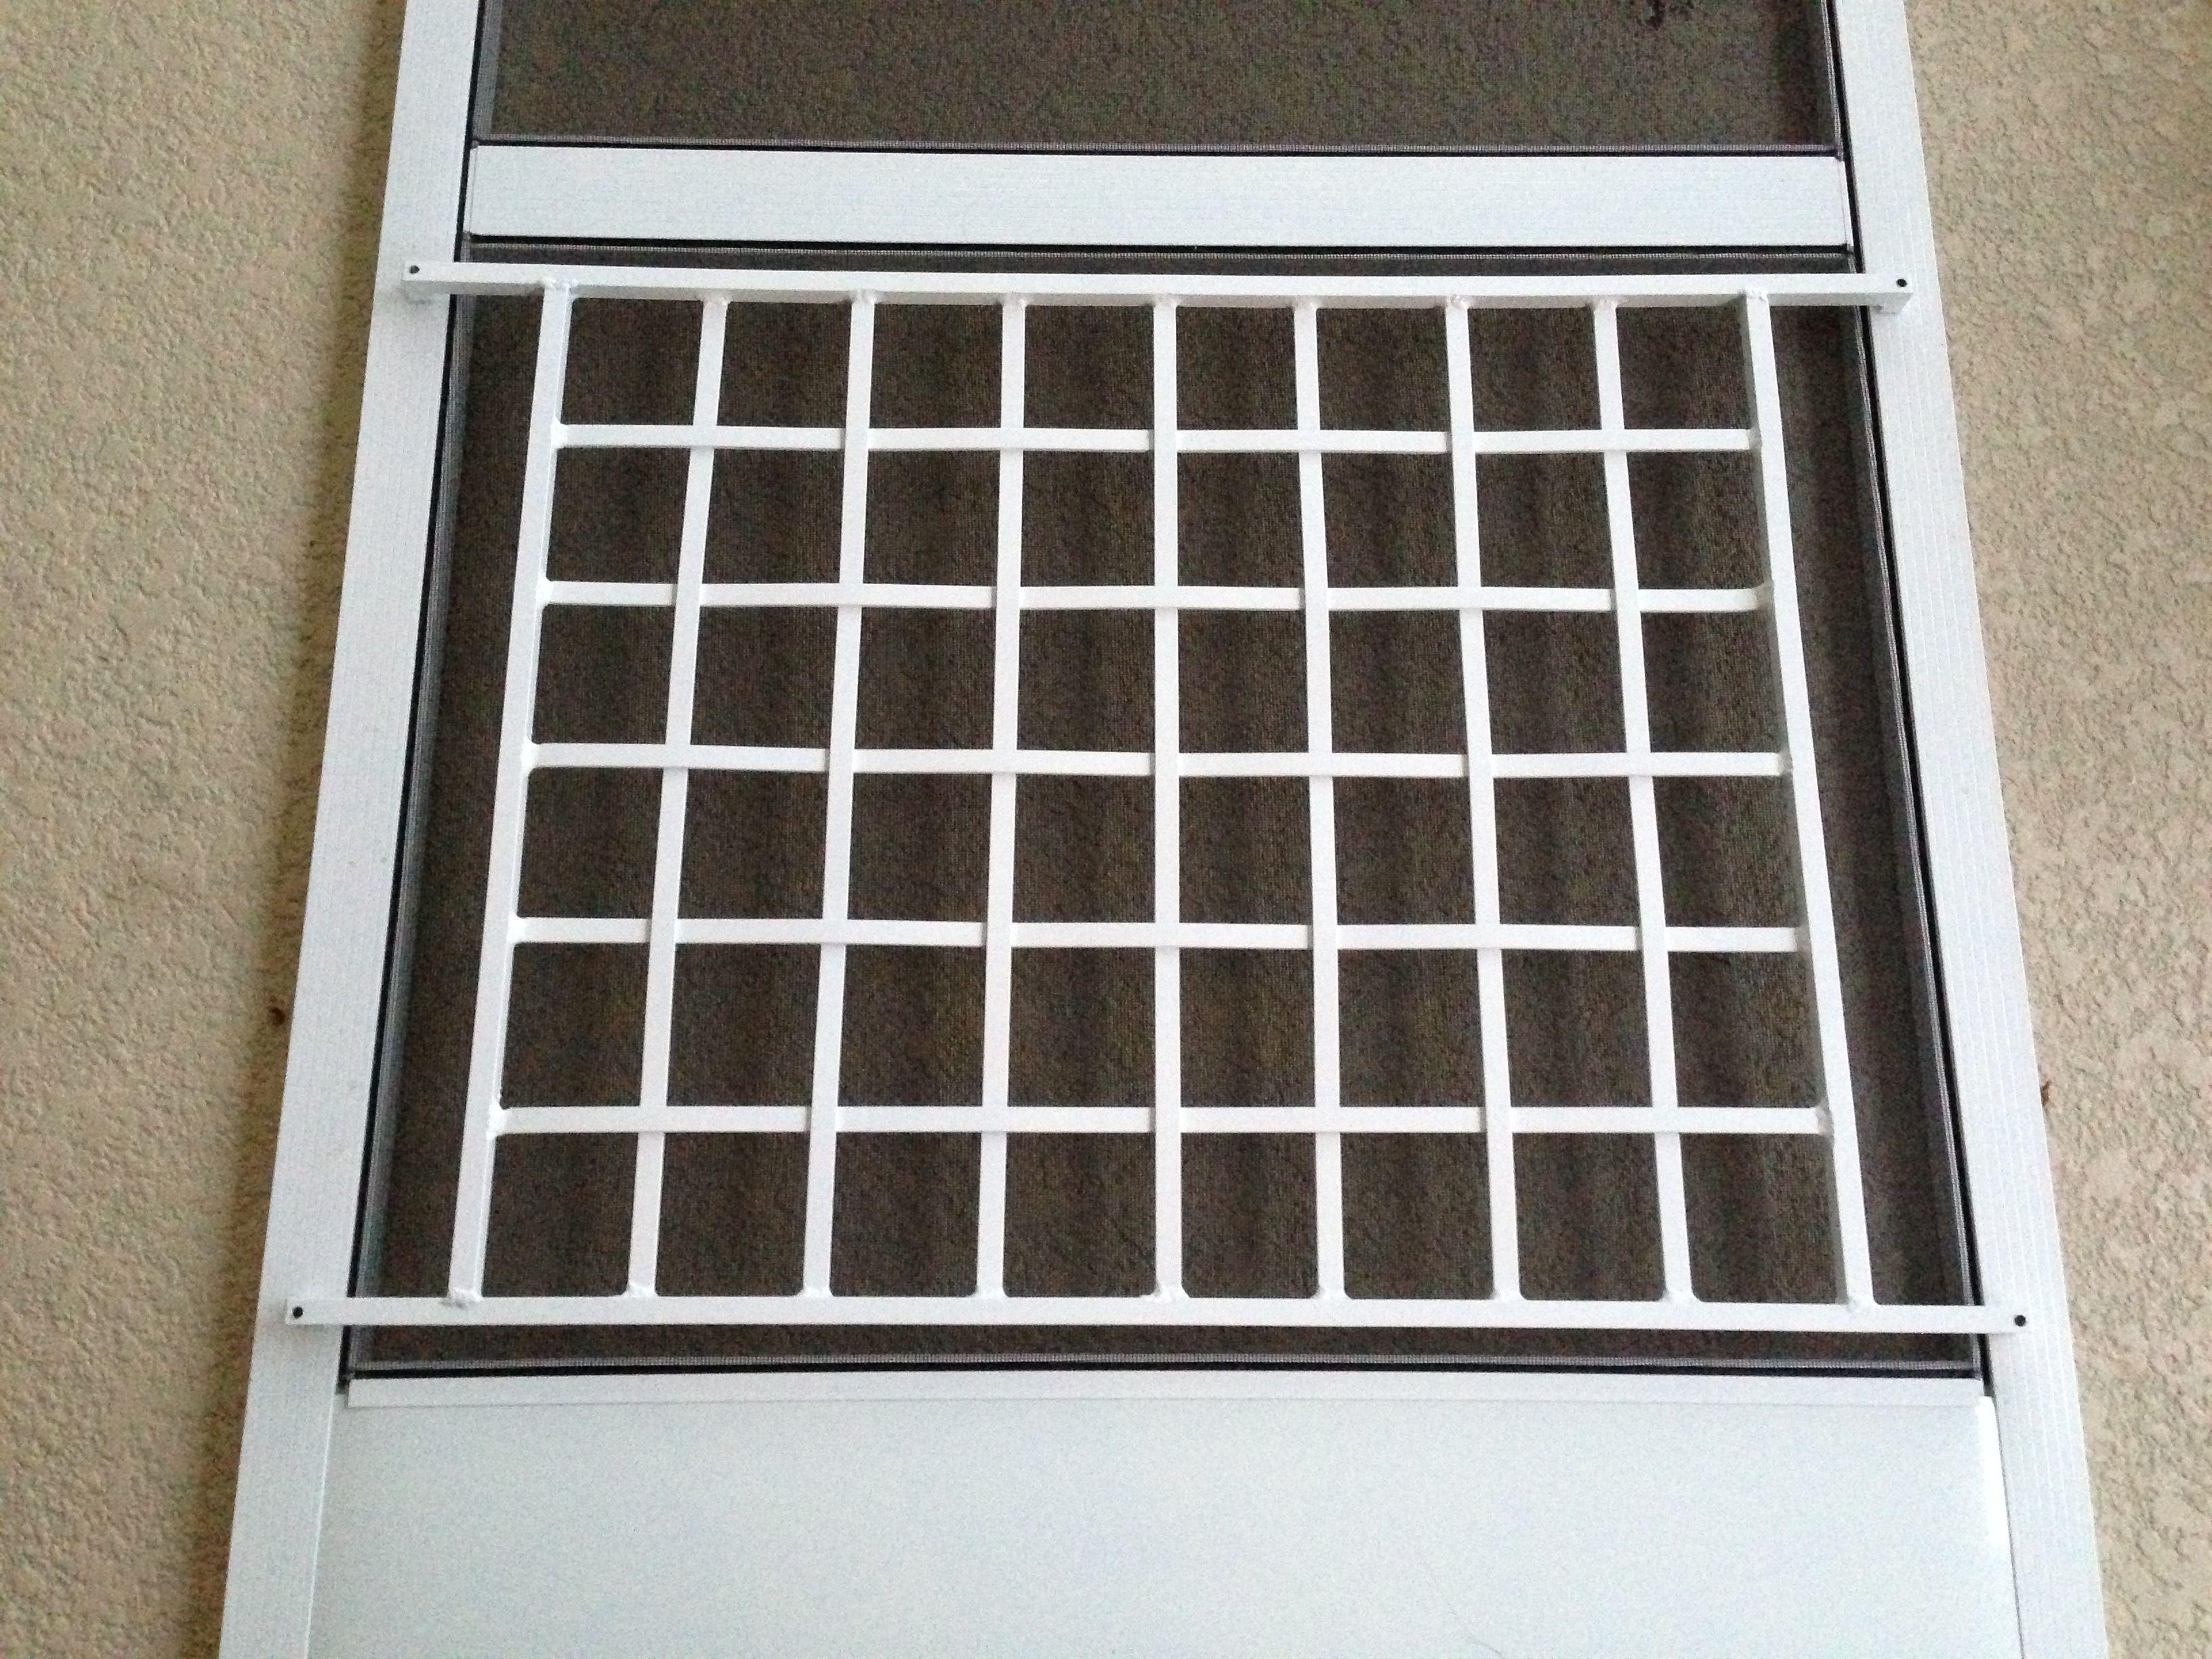 All Weather Basket Weave Screen Door Grille In White Www Doorandgrille Com Aluminum Screen Doors Rv Screen Door Decorative Screen Doors